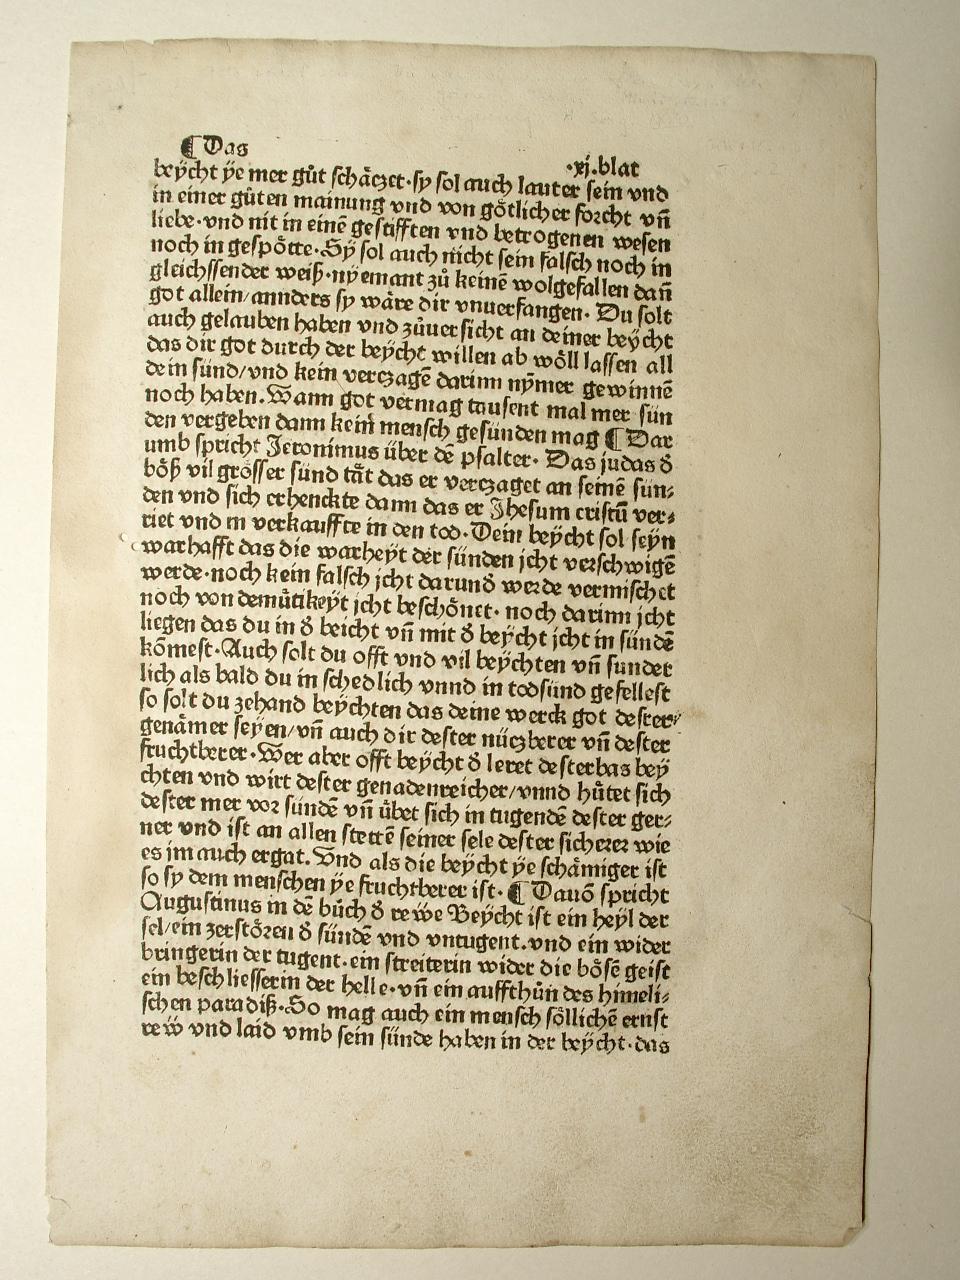 Die vierundzwanzig (24) Alten oder der goldene: Otto von Passau: